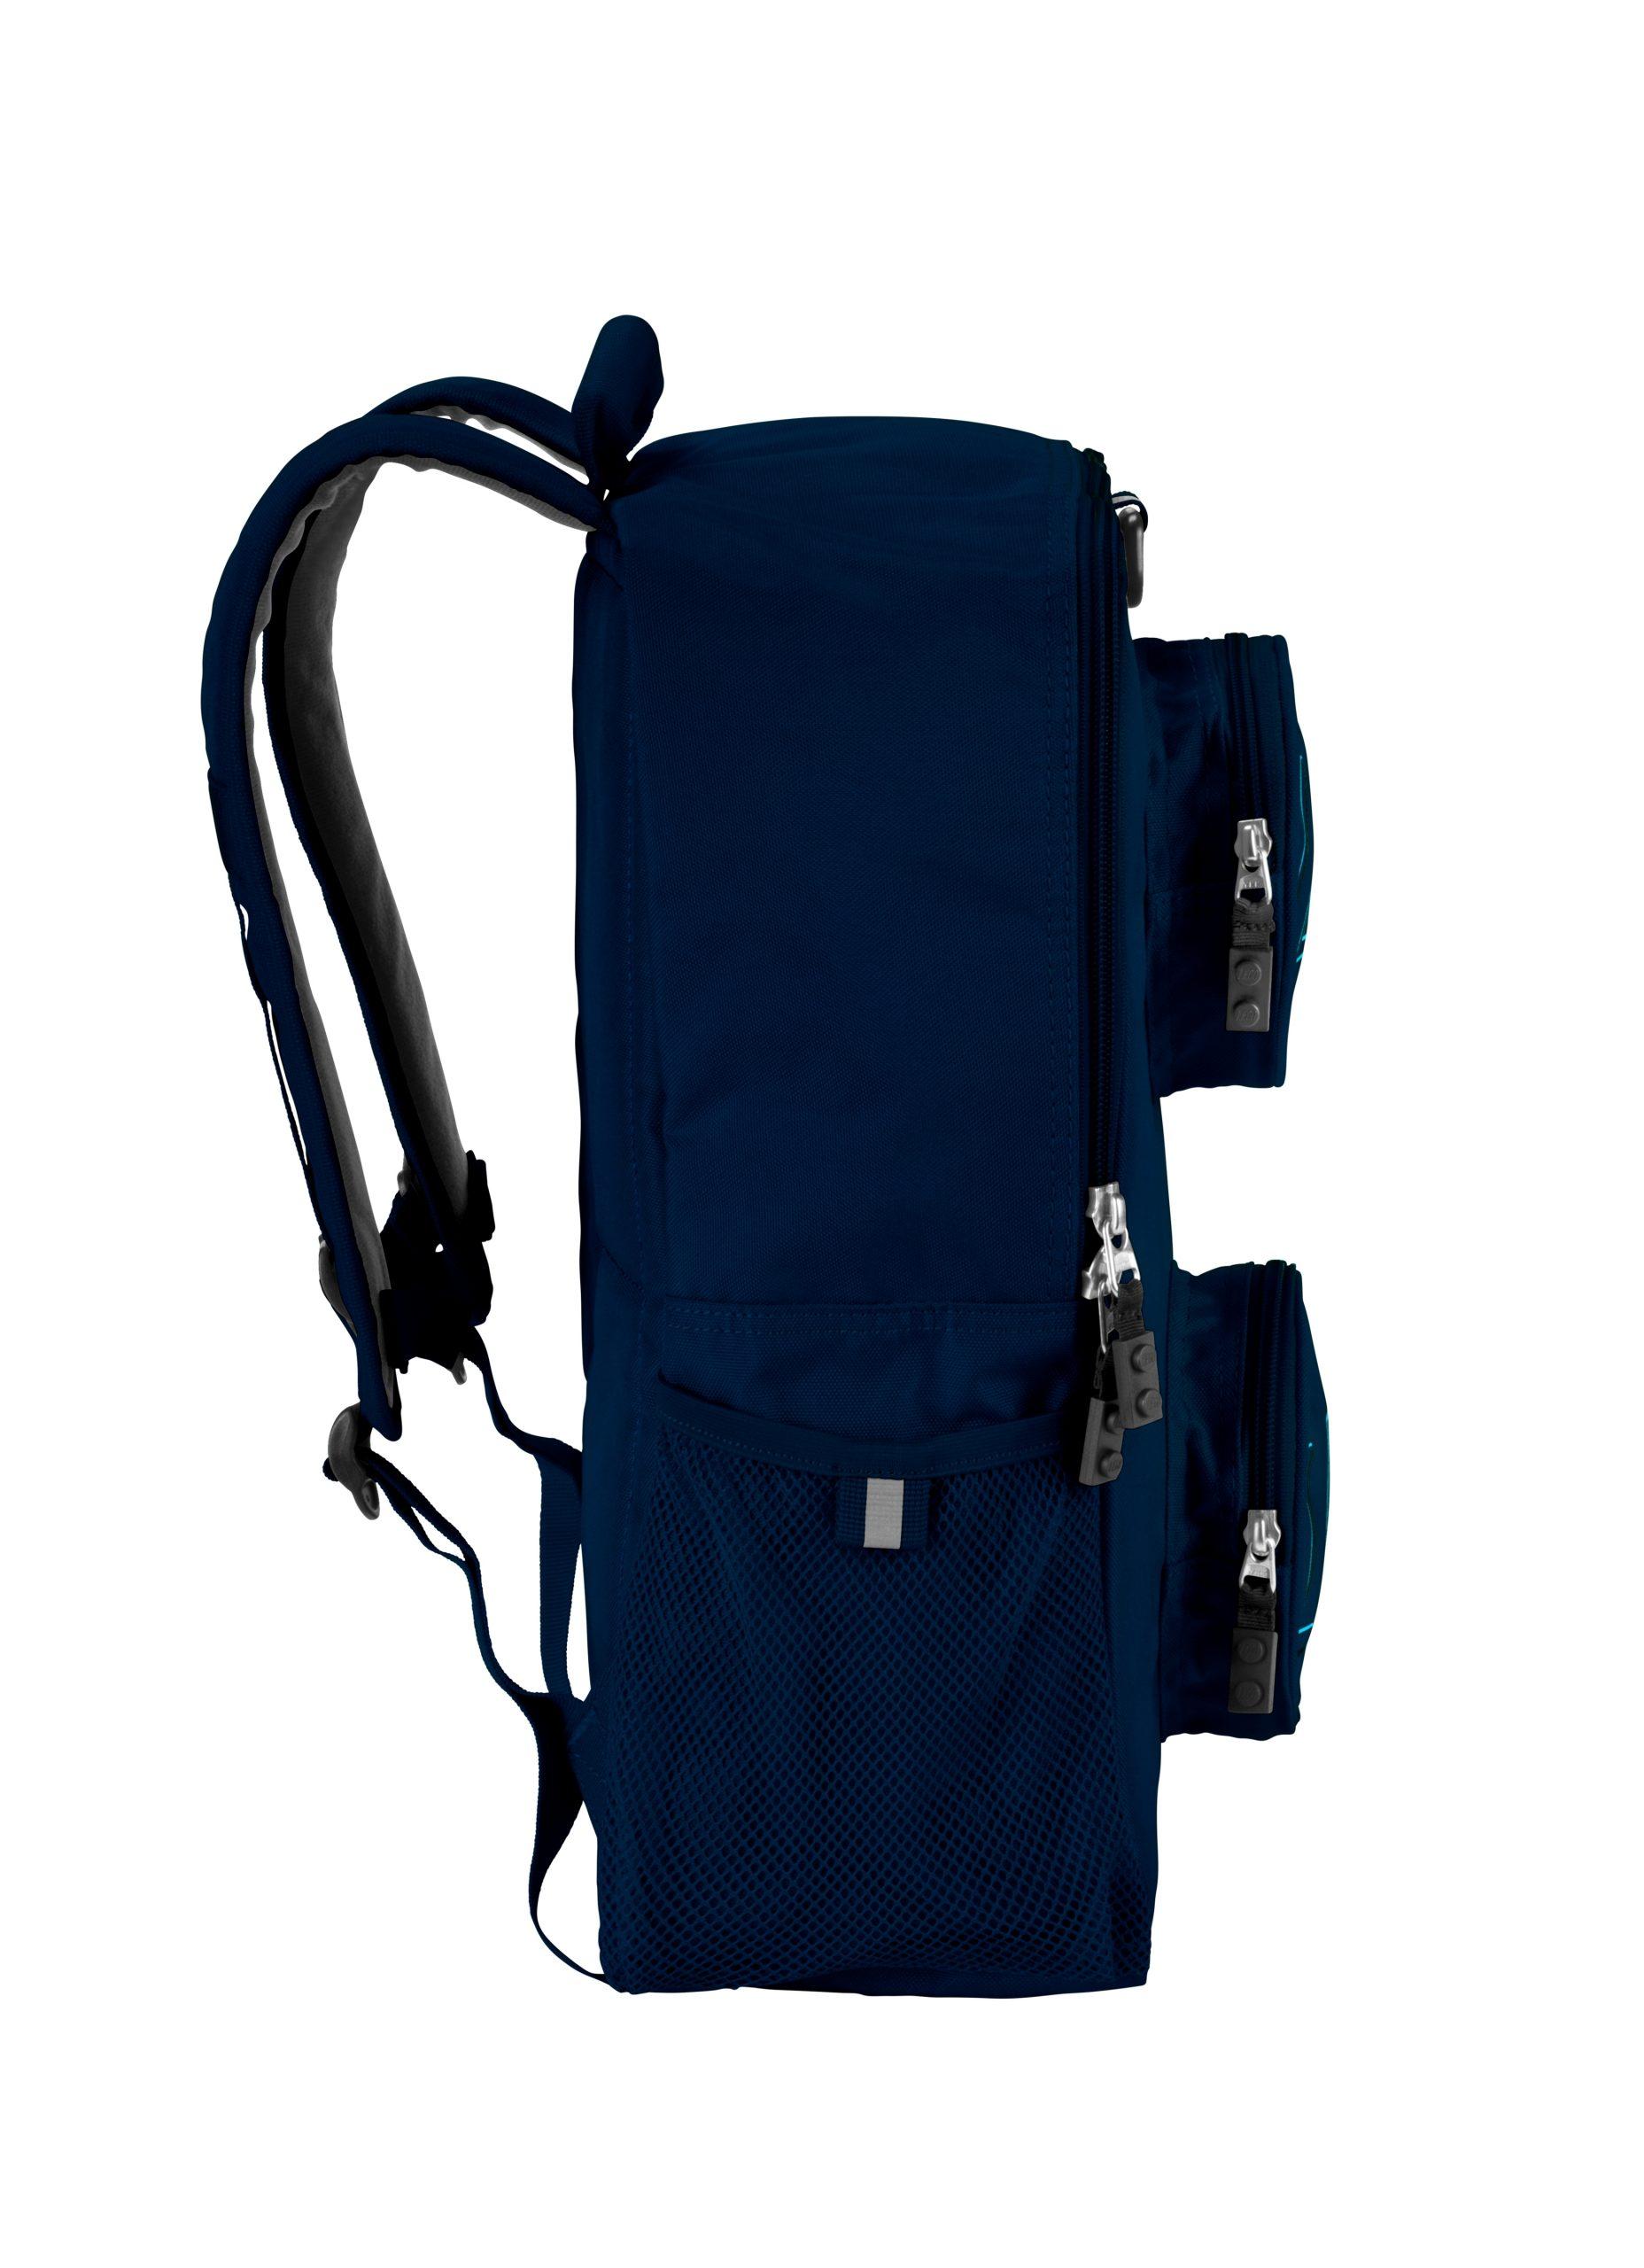 lego 5005523 brick backpack navy scaled